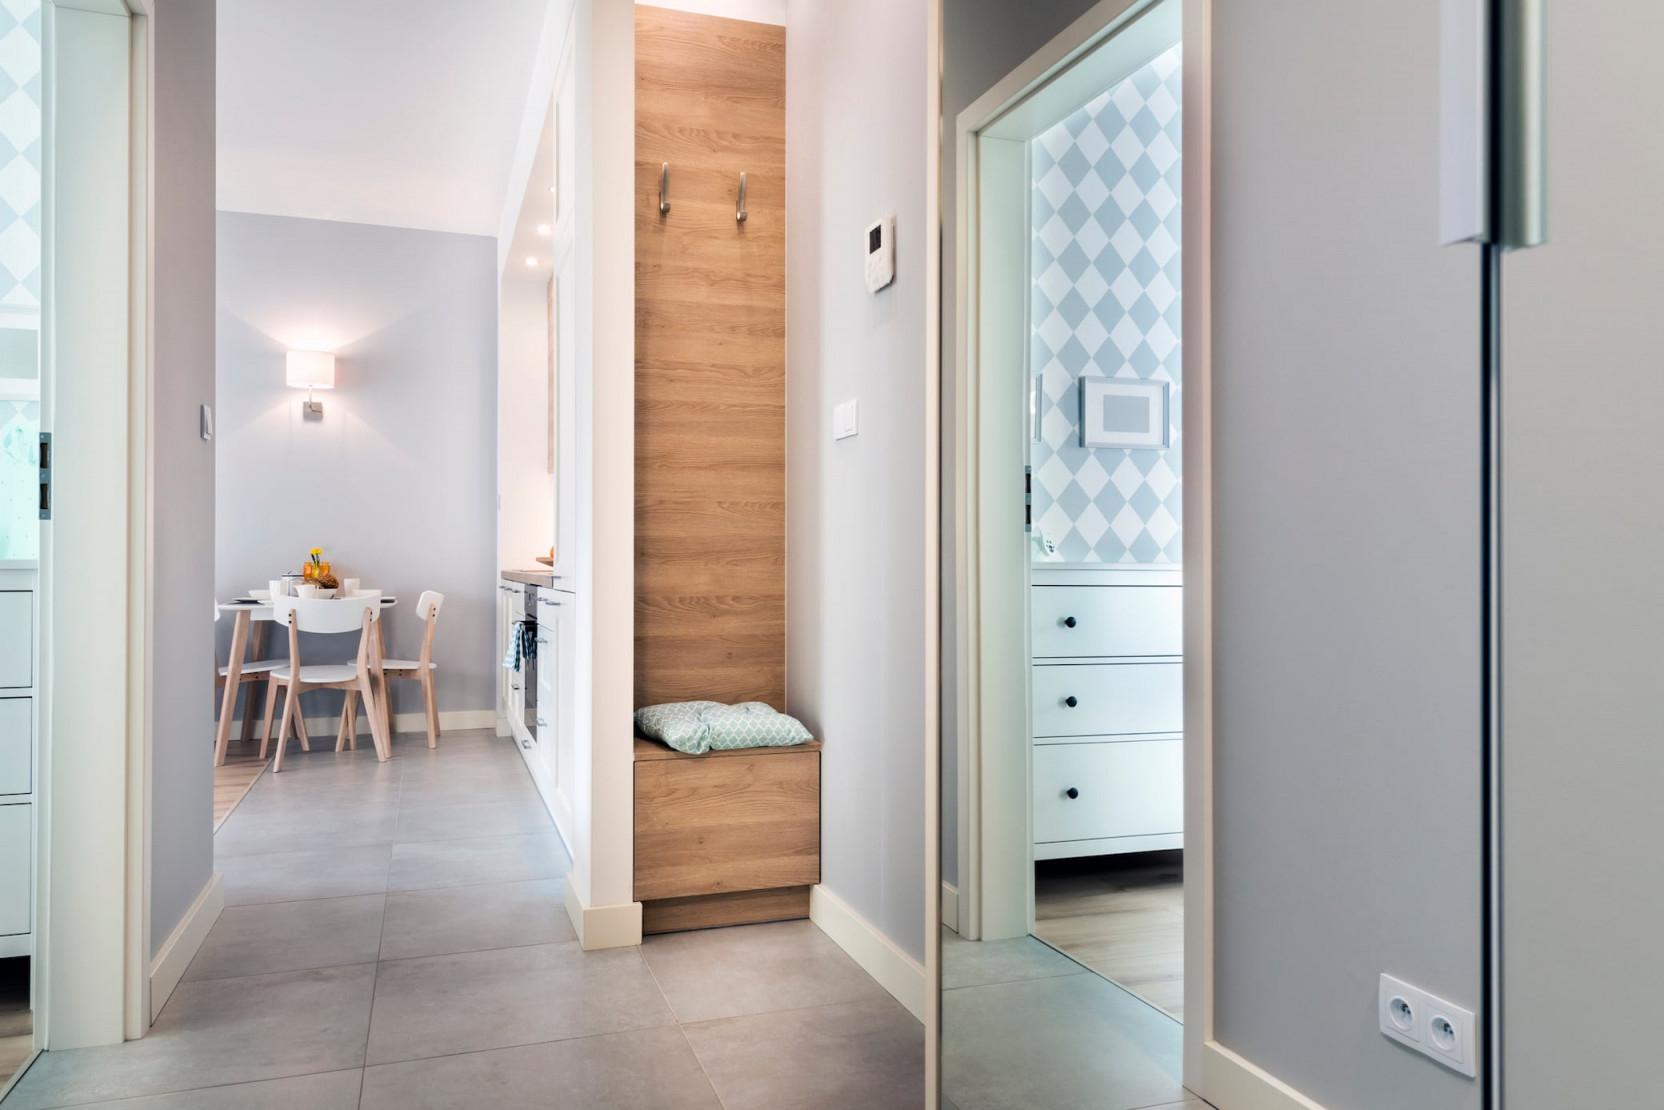 Tipps Wie Man Tote Ecken Zu Hause Nutzt Und Dekoriert von Deko Für Ecken Im Wohnzimmer Bild